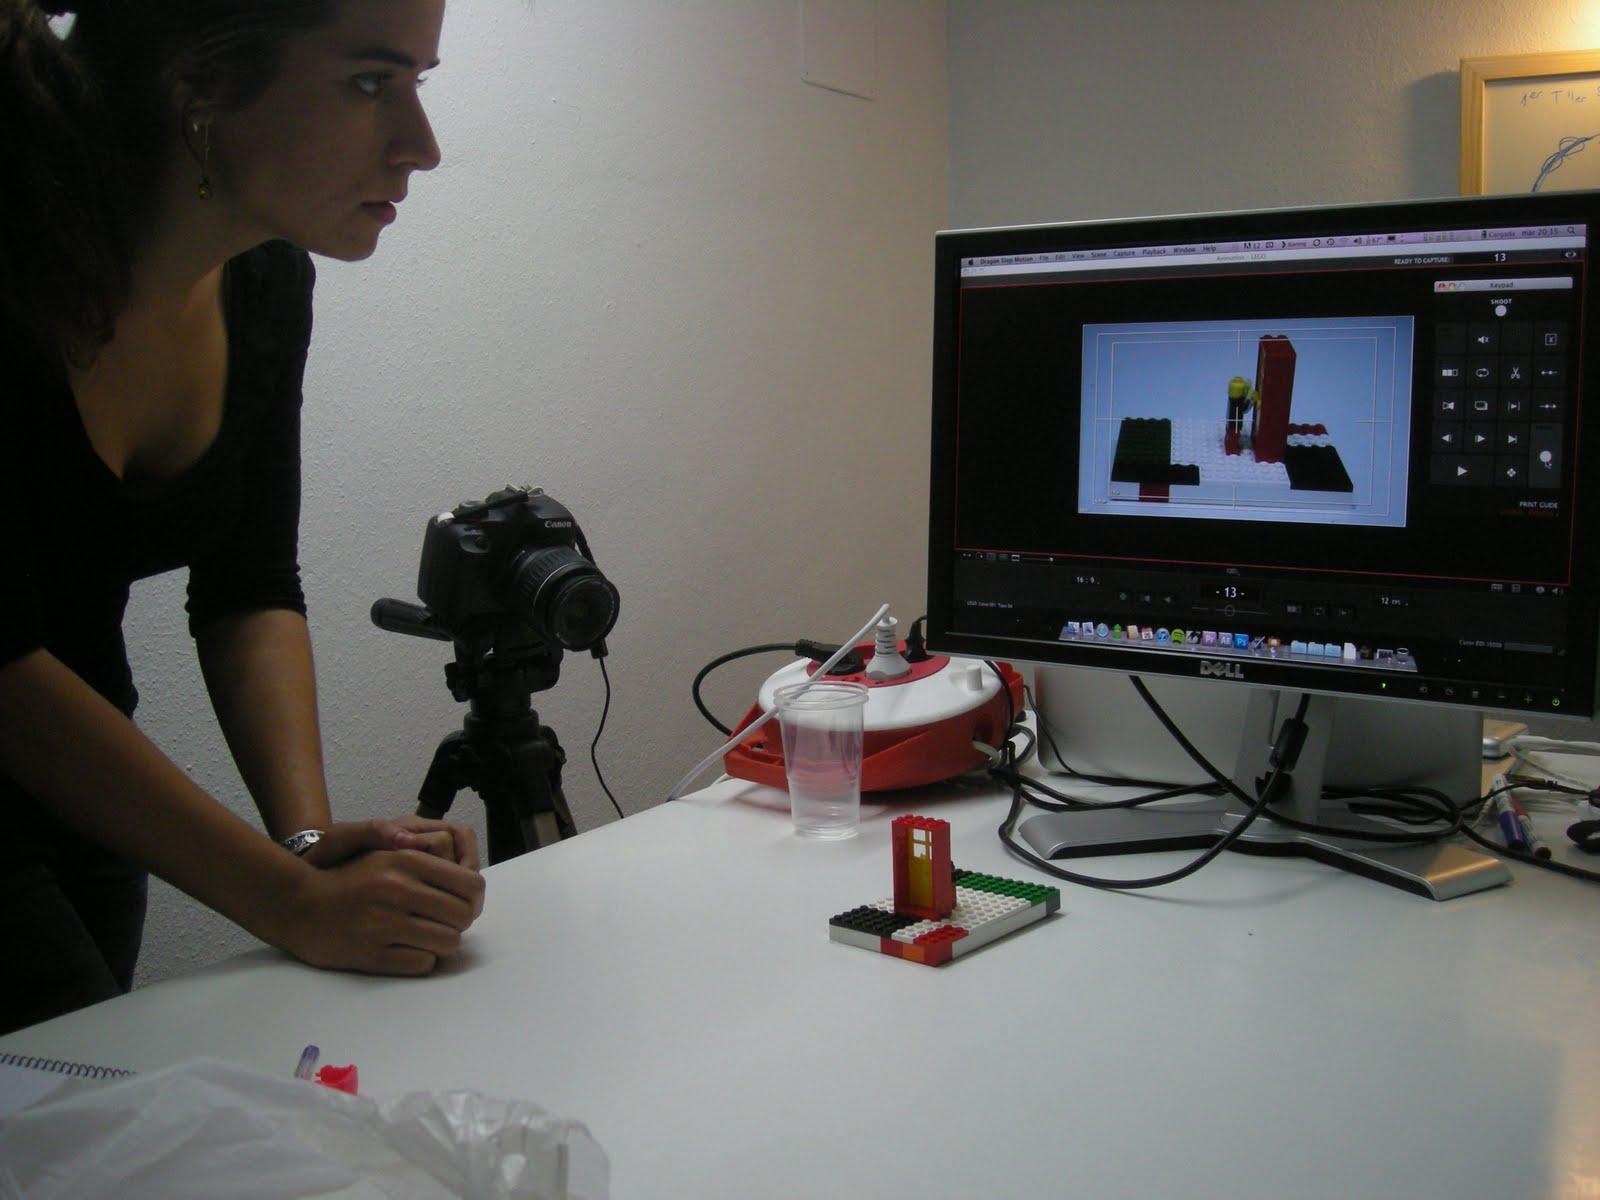 http://2.bp.blogspot.com/_Idg9f-vlX7s/TM8JGZHLsRI/AAAAAAAABB4/baCg6EXIz2o/S1600-R/1er+curso+Stop+Motion+004.jpg